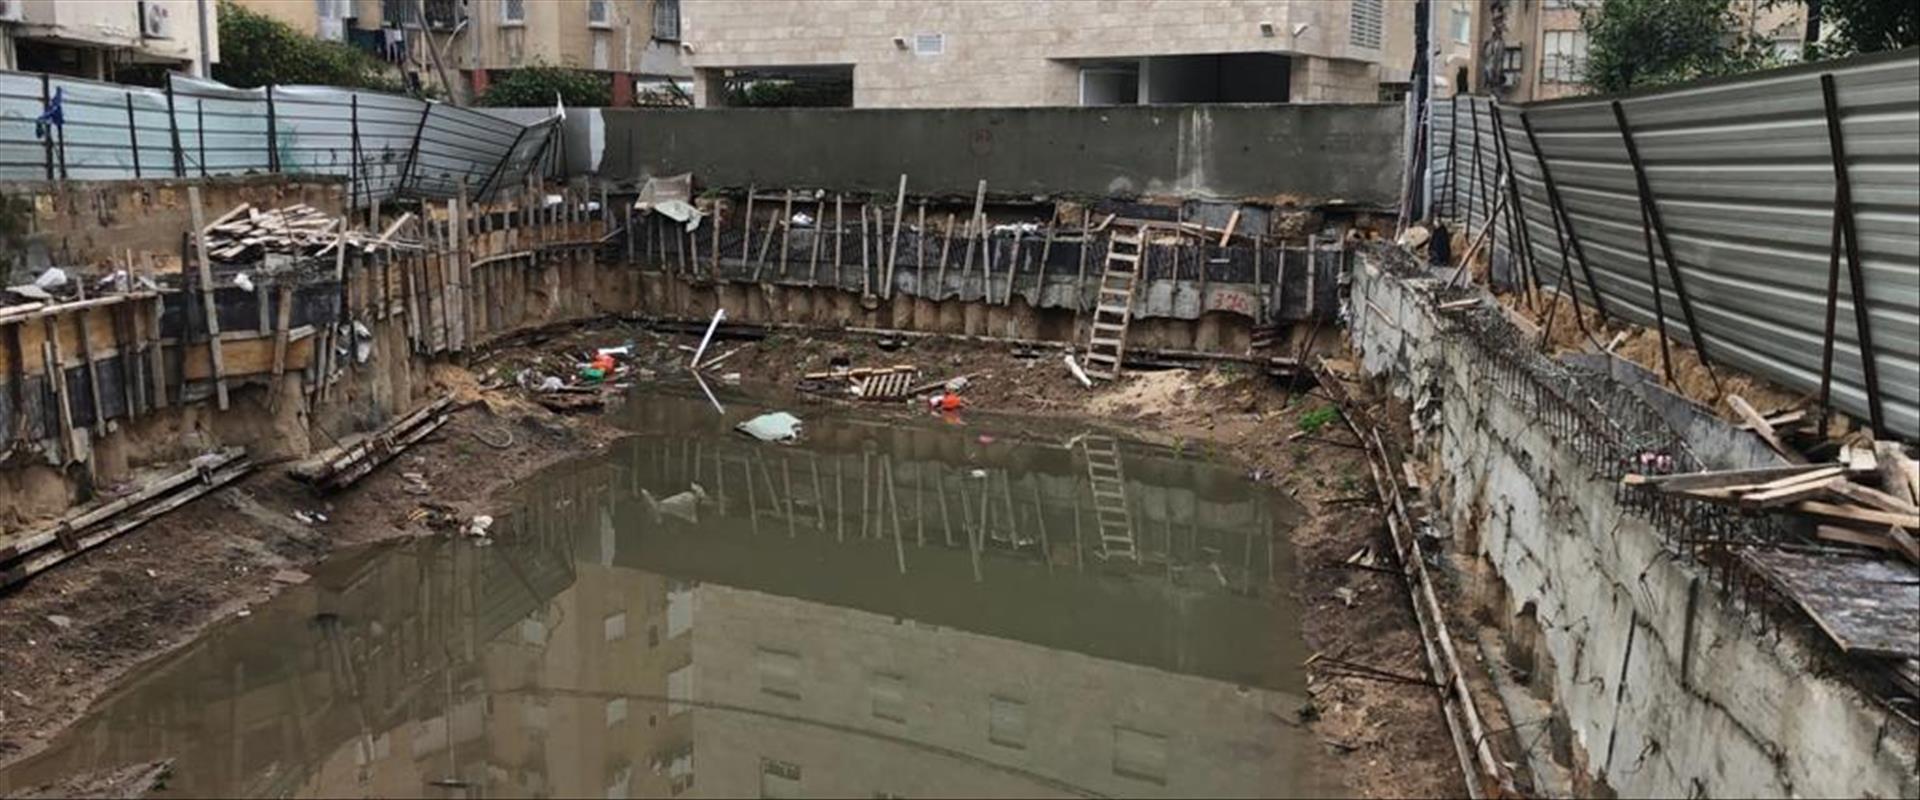 אתר הבנייה בבת ים שהעבודות בו גרמו לסכנת קריסה בבנ